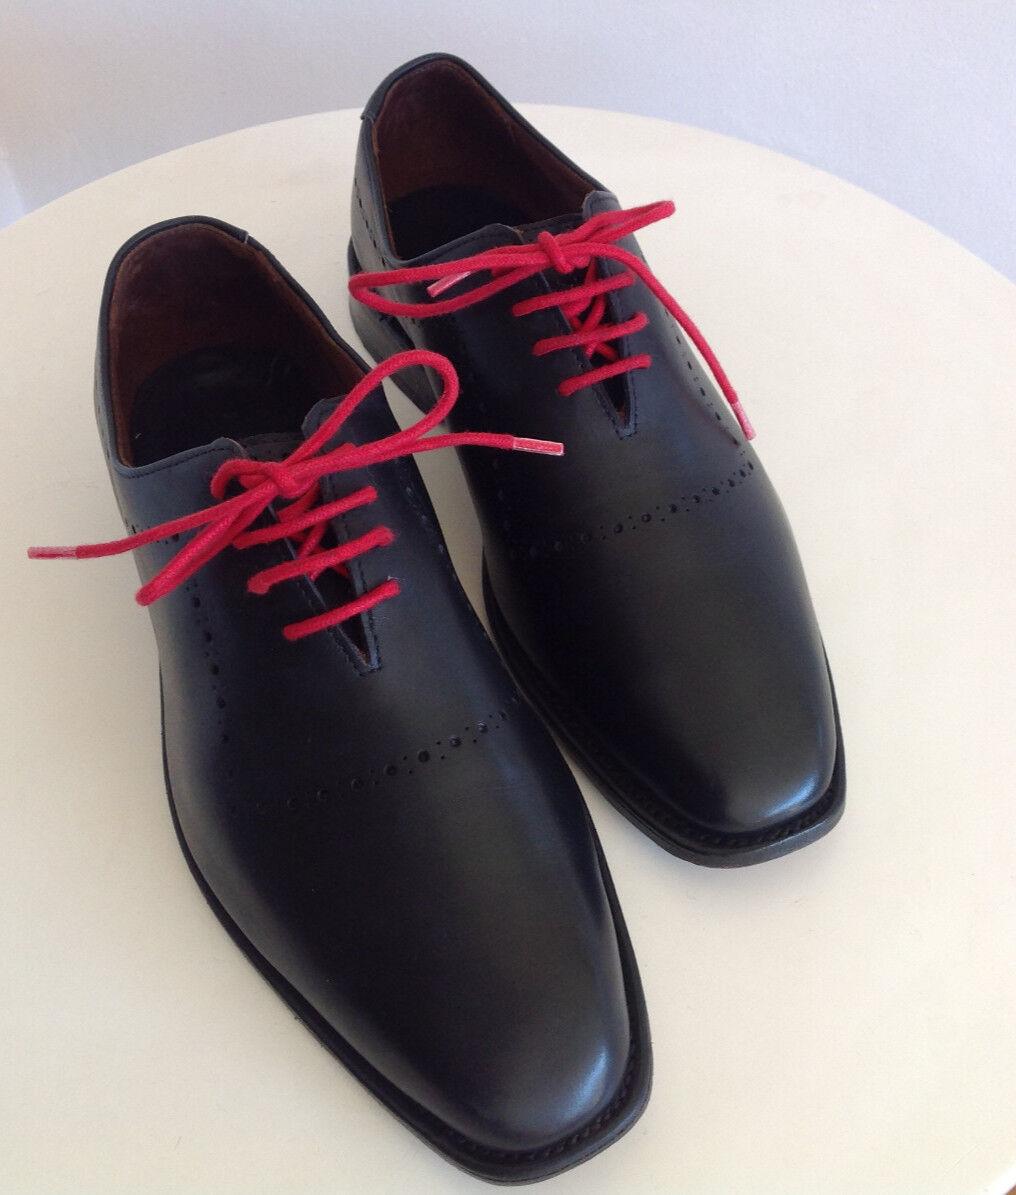 Allen Edmonds Manhatten Oxford Hommes Business Taille 41,5 (UE) 7,5 (UK) noir